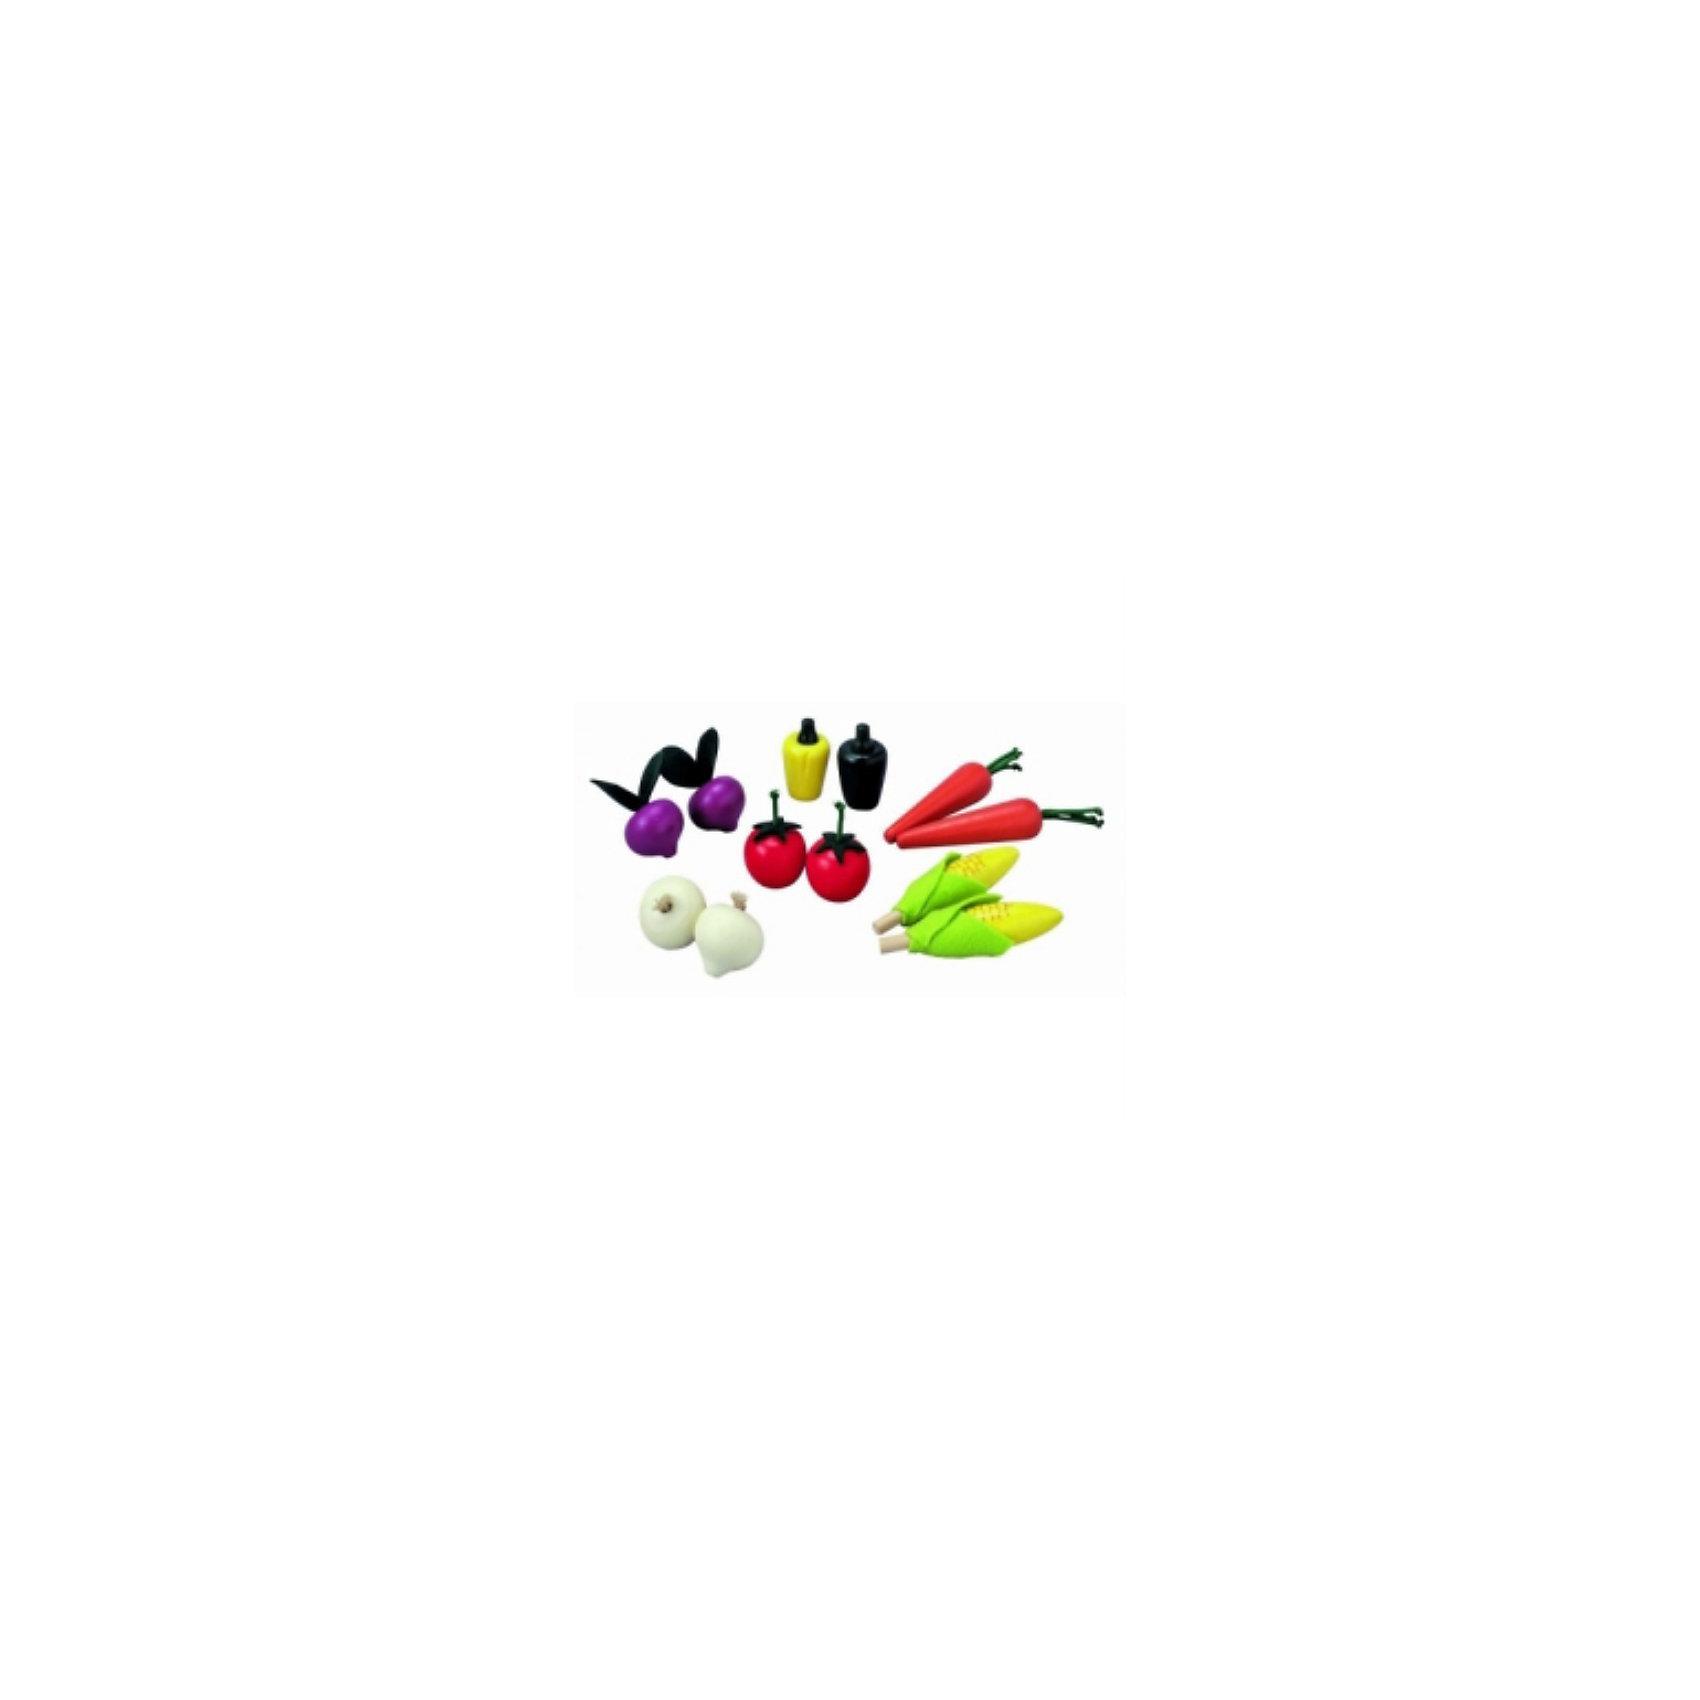 PLAN TOYS 3428 Набор ОвощиНабор включает в себя: 2 помидора, 2 морковки, 2 початка кукурузы, 2 свеклы, 2 перца и 2 чеснока. Прекрасное дополнение к любой кухне Plantoys.<br>Все игрушки выполнены из каучукового дерева с использованием нетоксичных красок и специально изготавливаются с закругленными краями, чтобы избежать вероятности травмирования.<br><br>Ширина мм: 75<br>Глубина мм: 230<br>Высота мм: 188<br>Вес г: 645<br>Возраст от месяцев: 36<br>Возраст до месяцев: 72<br>Пол: Женский<br>Возраст: Детский<br>SKU: 2175237